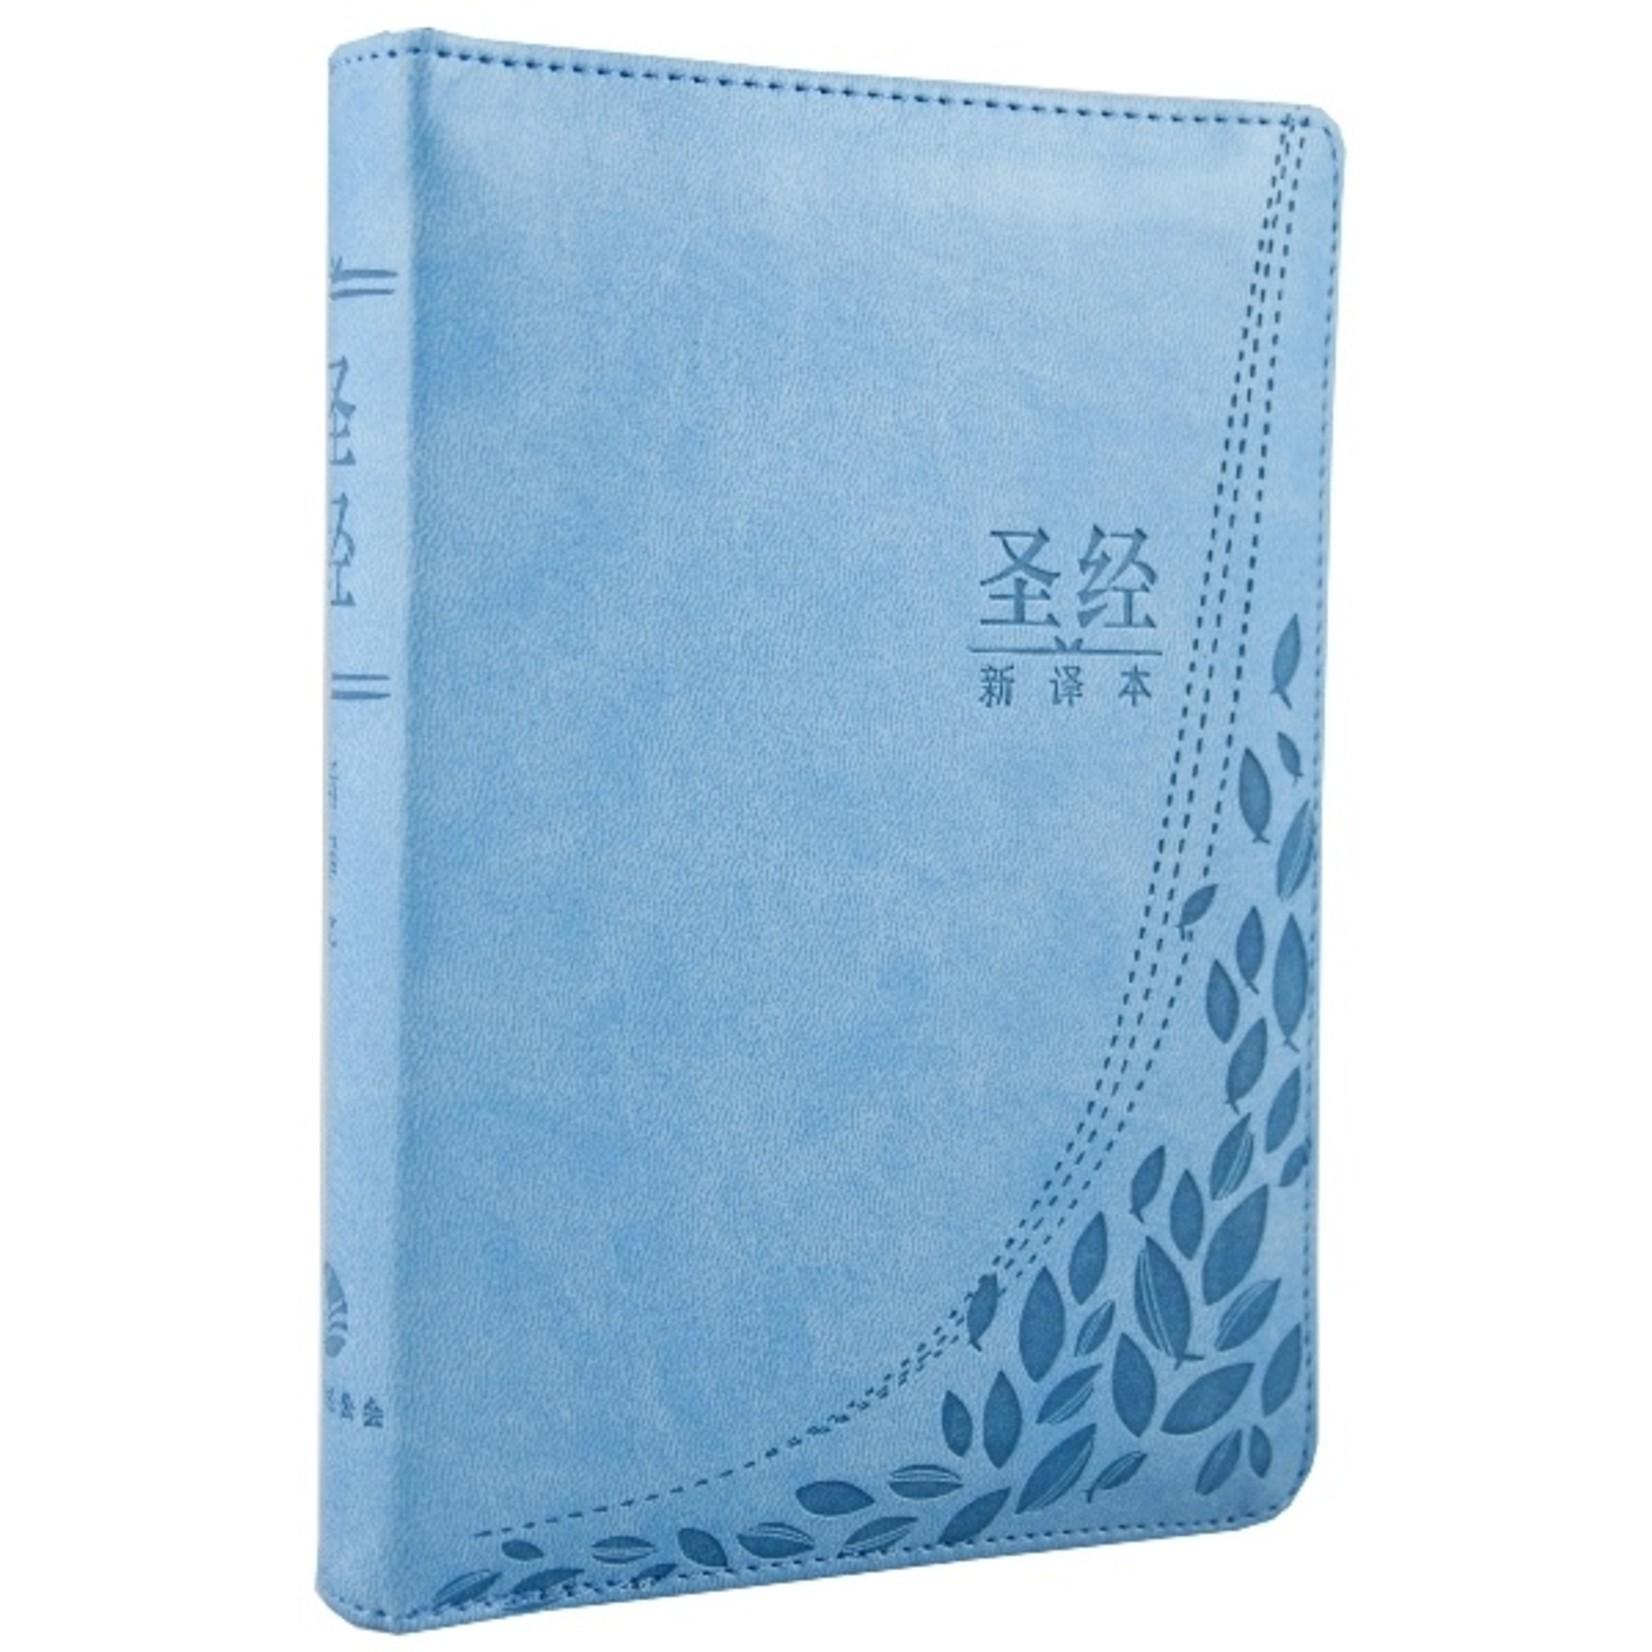 環球聖經公會 The Worldwide Bible Society 聖經新譯本.輕便裝.淺藍色儷皮銀邊拉鏈連姆指索引.簡體 CNV Standard Size, Simp.(Thumb Index) Light Blue PolyU Zipper, Silver Edge